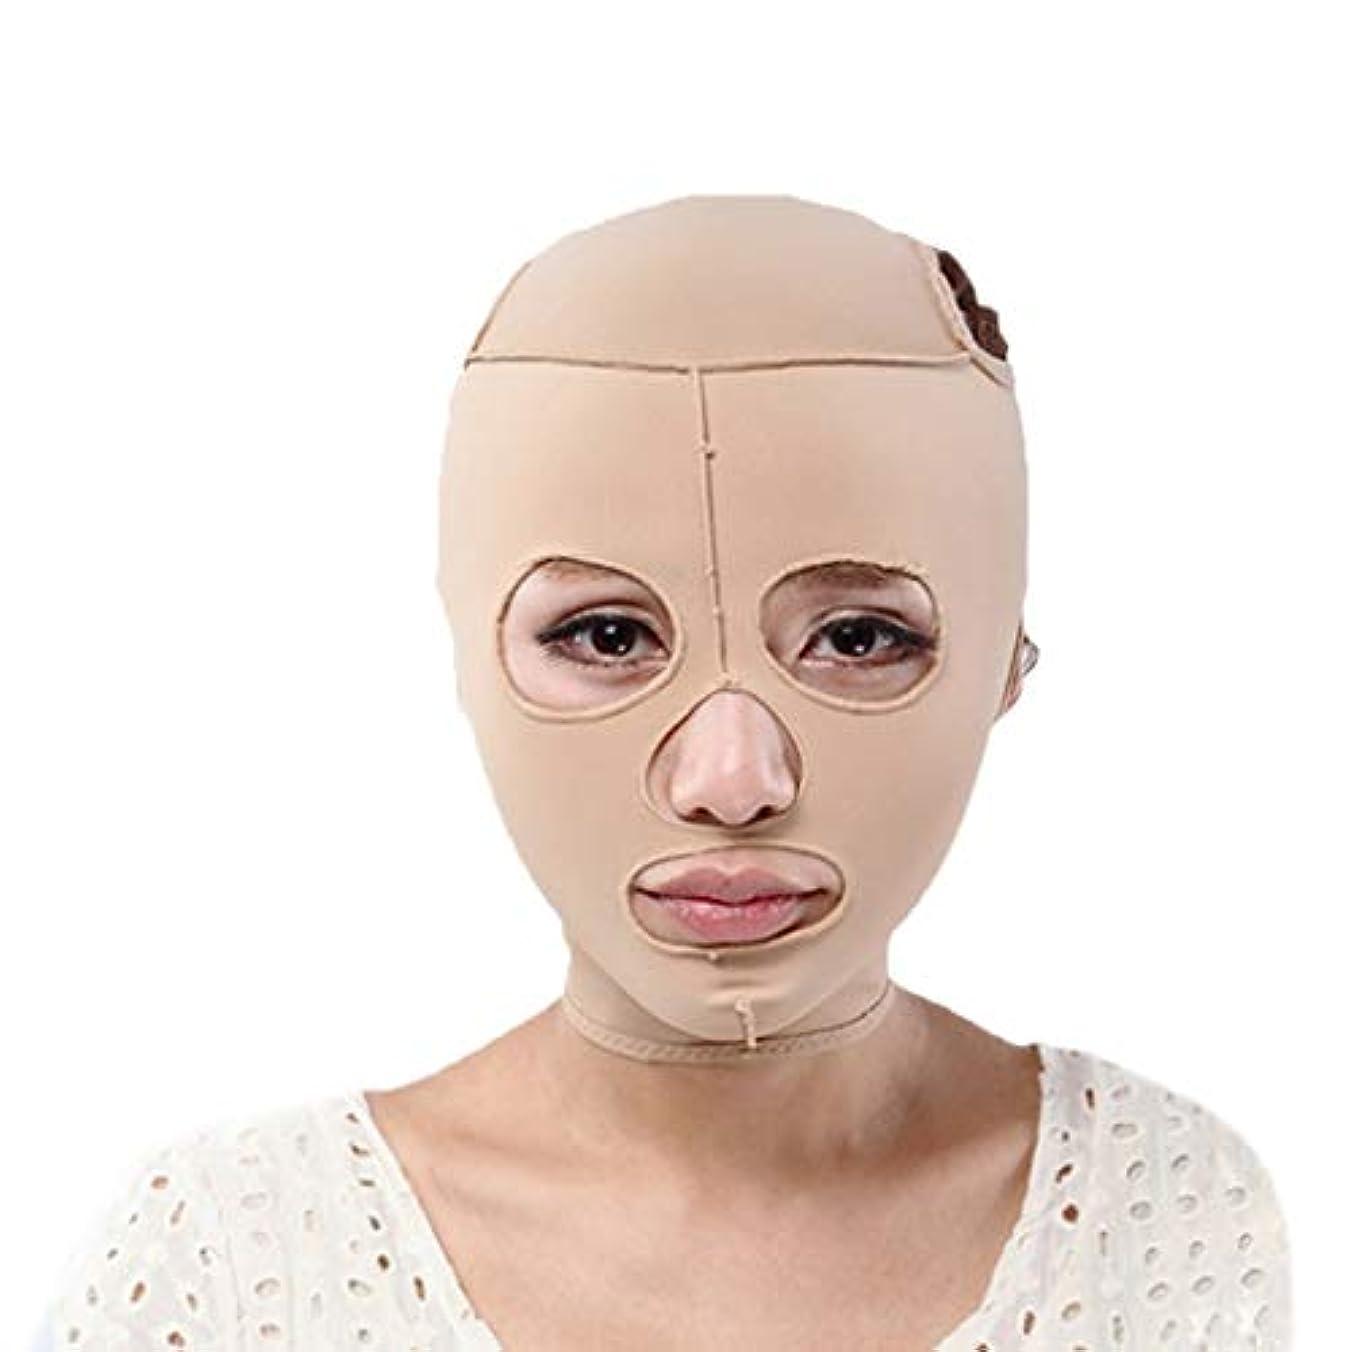 雨のラリービットあごのストラップ、顔の減量のしわ防止マスク、快適な通気性マスクを備えたオールインクルーシブの顔、薄いフェイスマスクのリフティング包帯引き締め (Size : L)